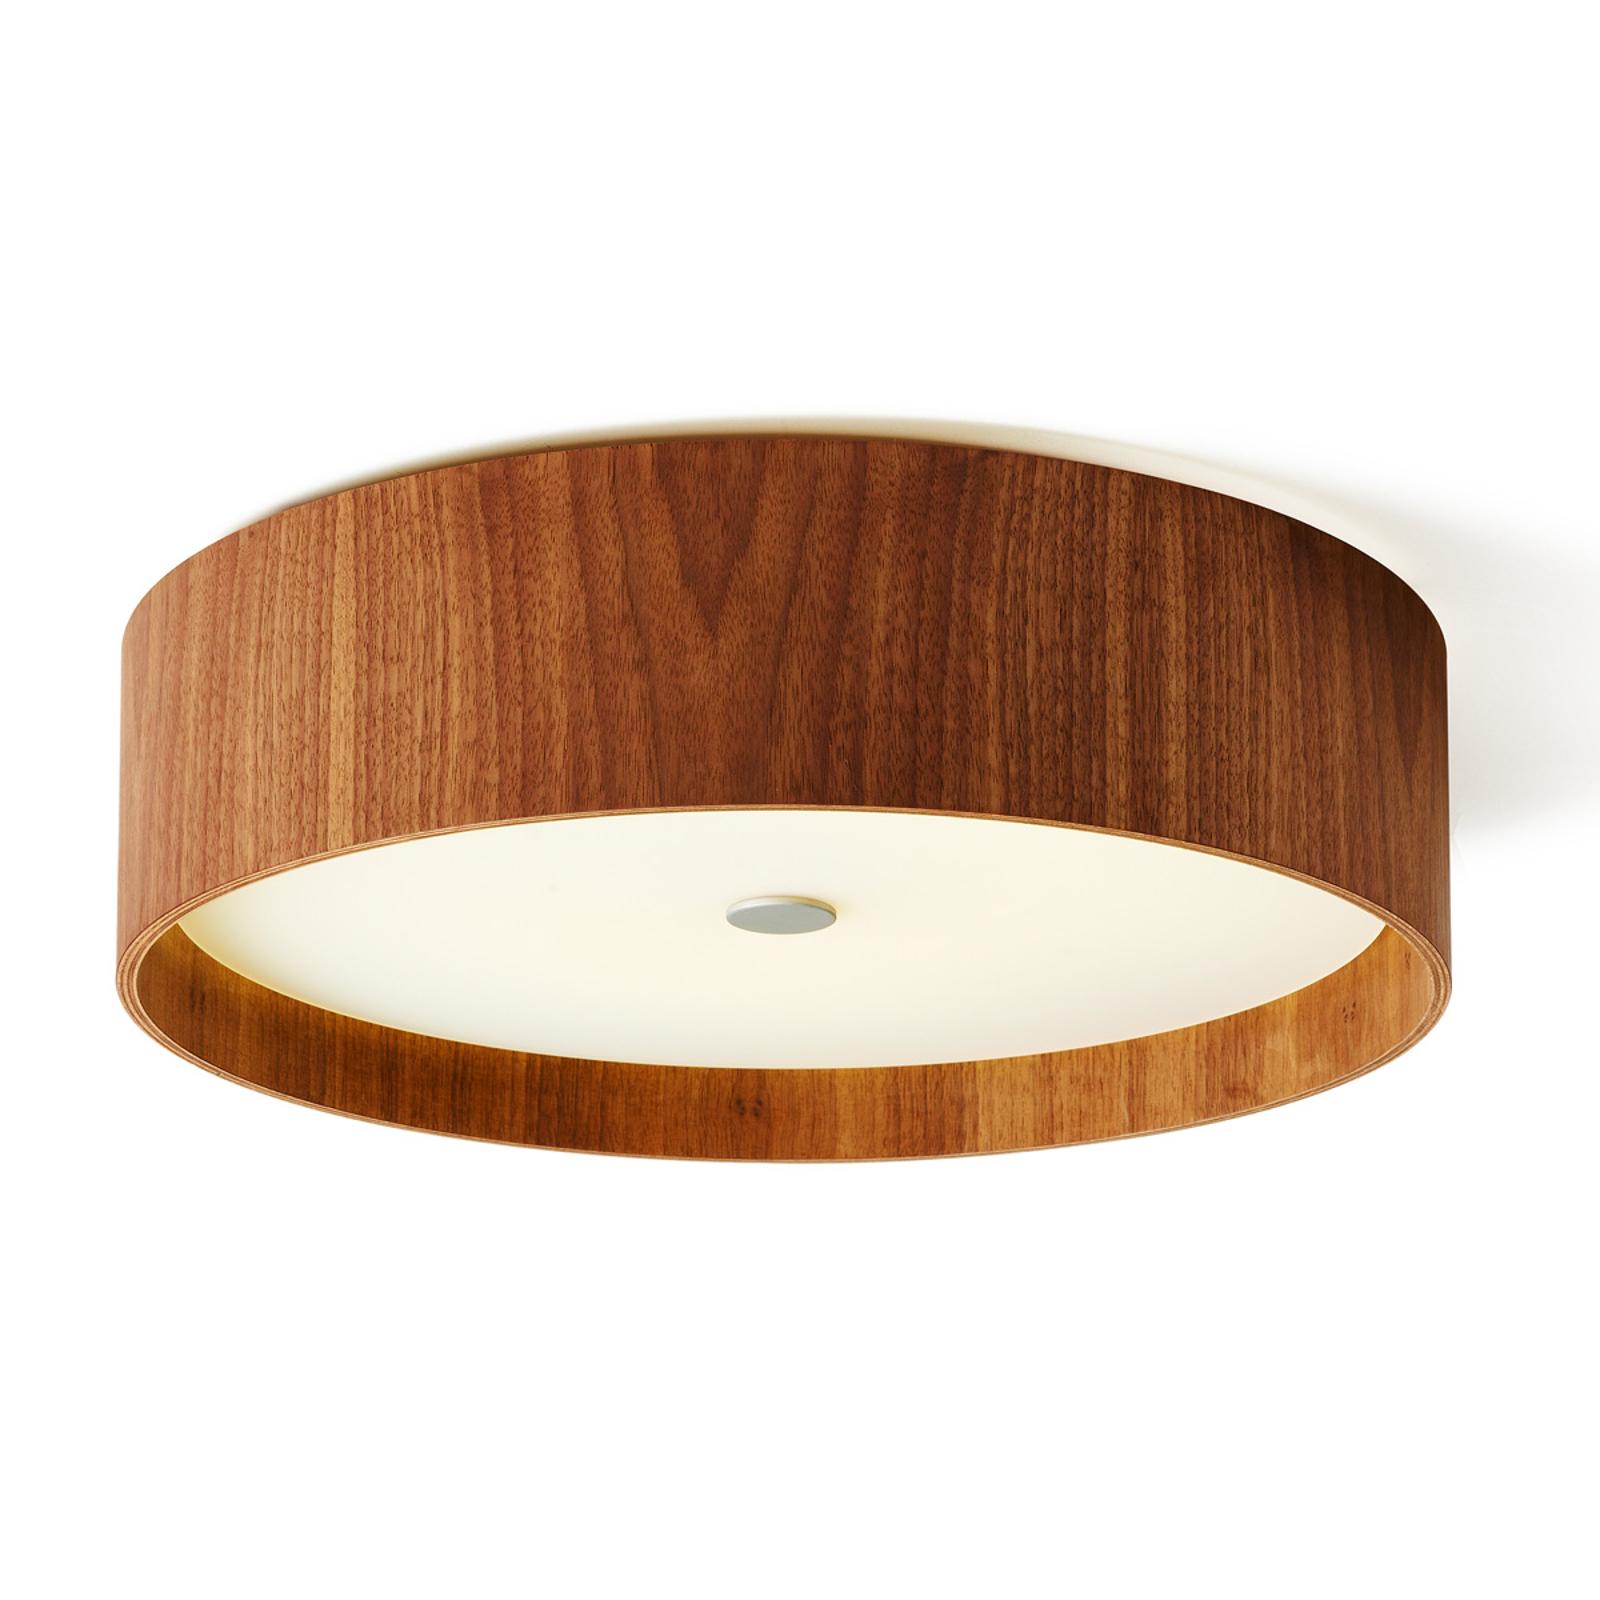 Lámpara de techo de nogal Lara wood con LED 43 cm